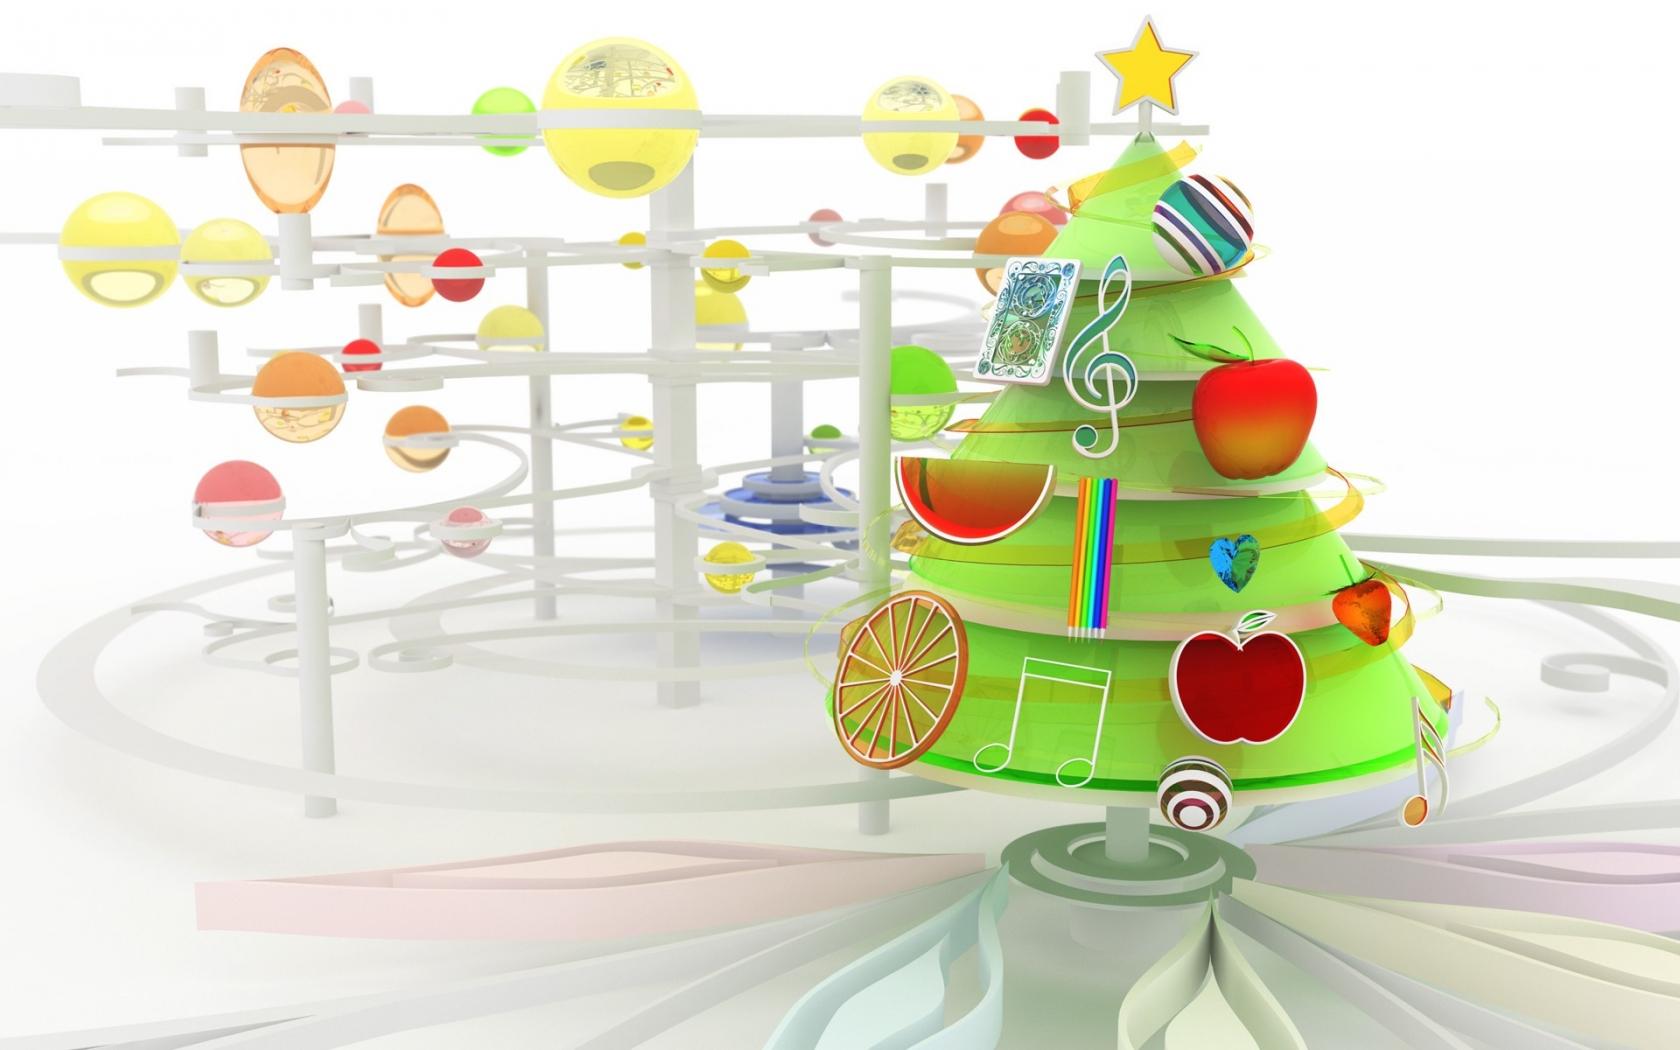 Arbol de navidad en 3D - 1680x1050